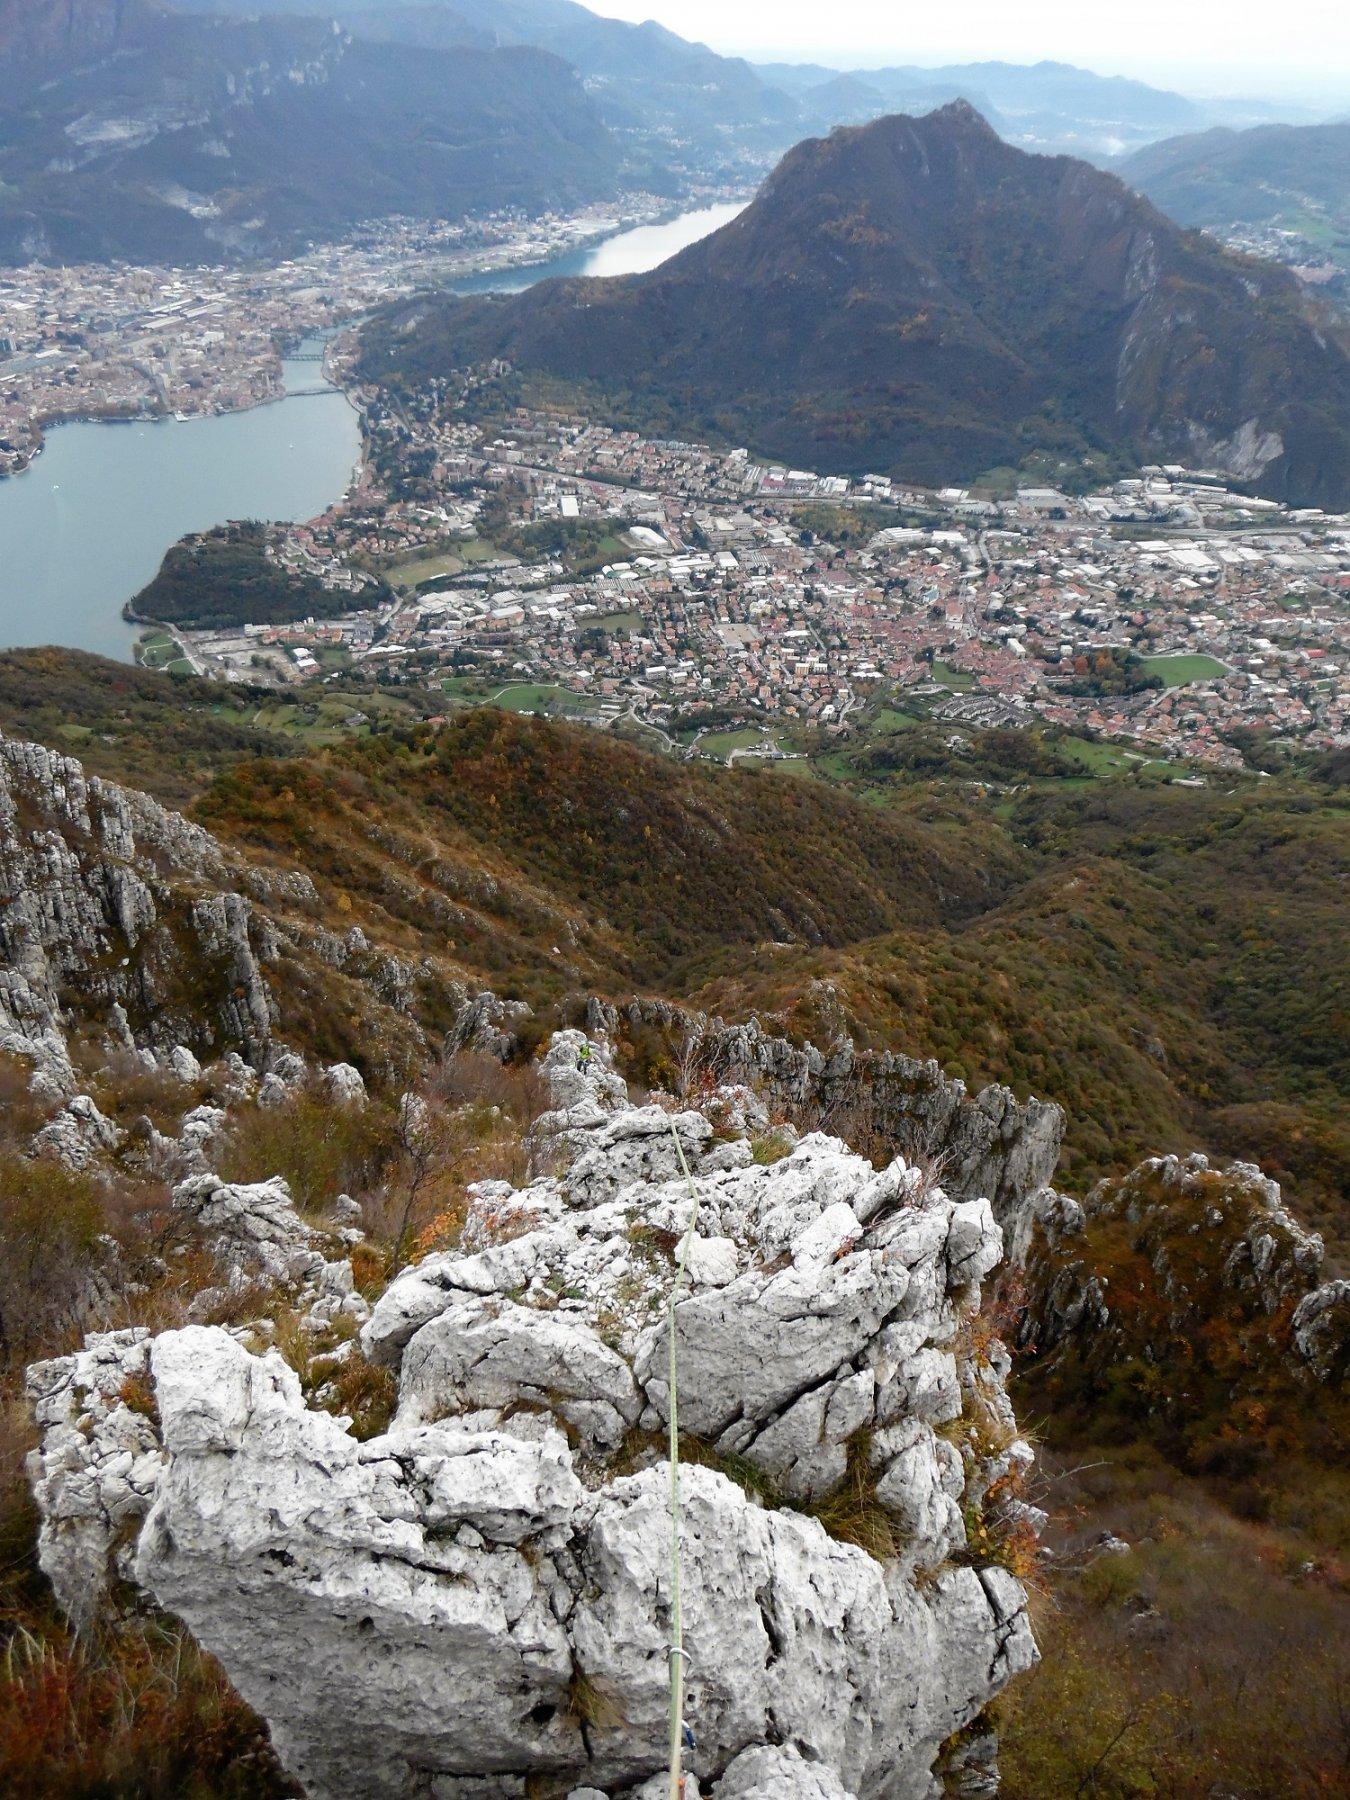 Lungo la cresta. Dietro il monte Barro, Valmadrera e Lecco